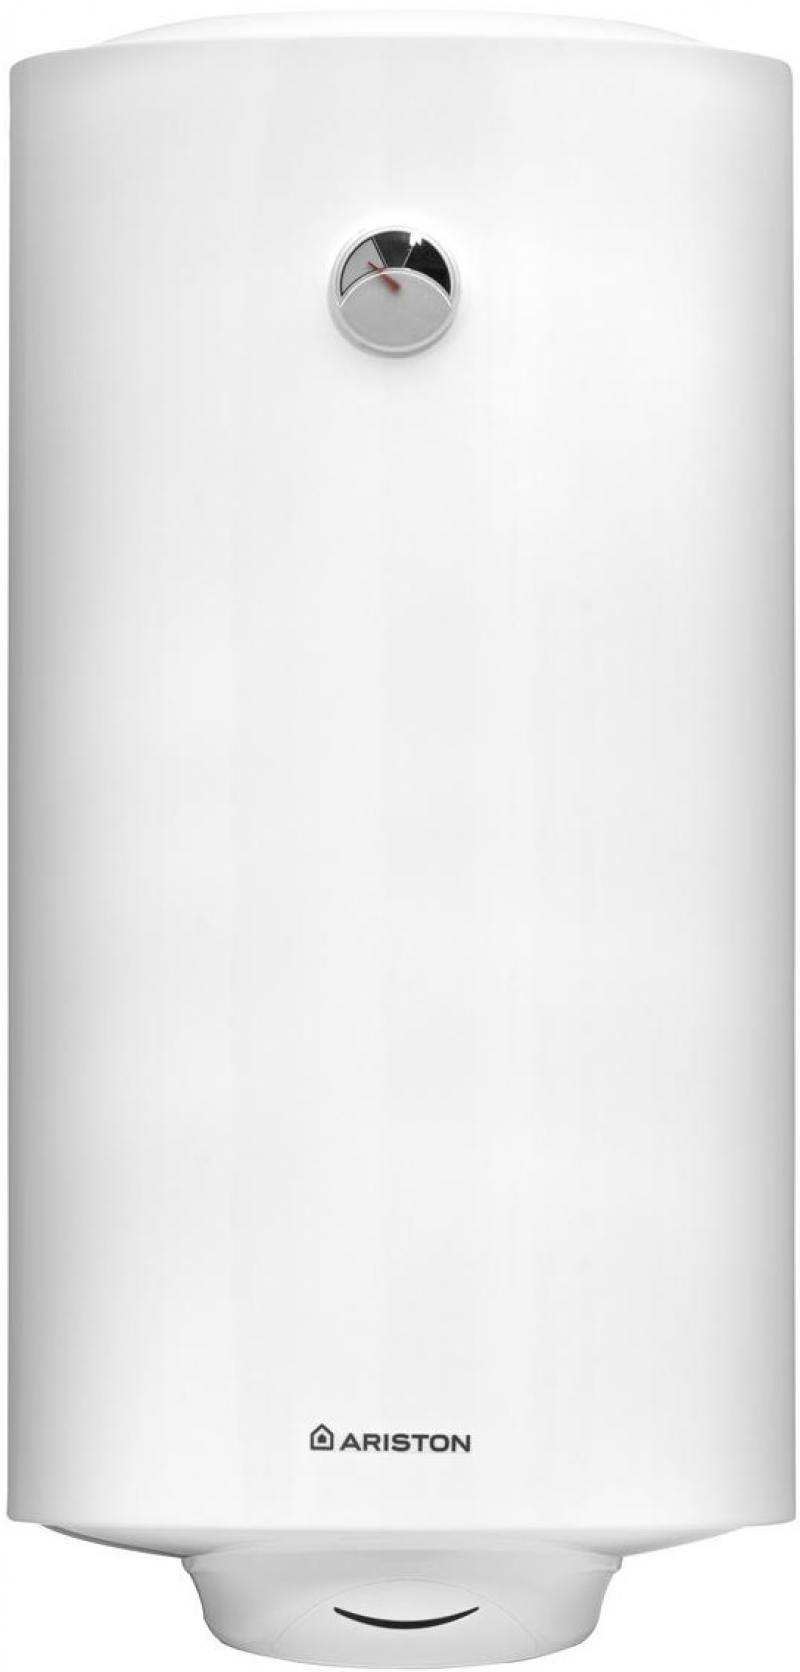 Водонагреватель накопительный Ariston SB R 100 V 100л 1.5кВт 3700065 водонагреватель накопительный ariston sb r 80 v 3700064